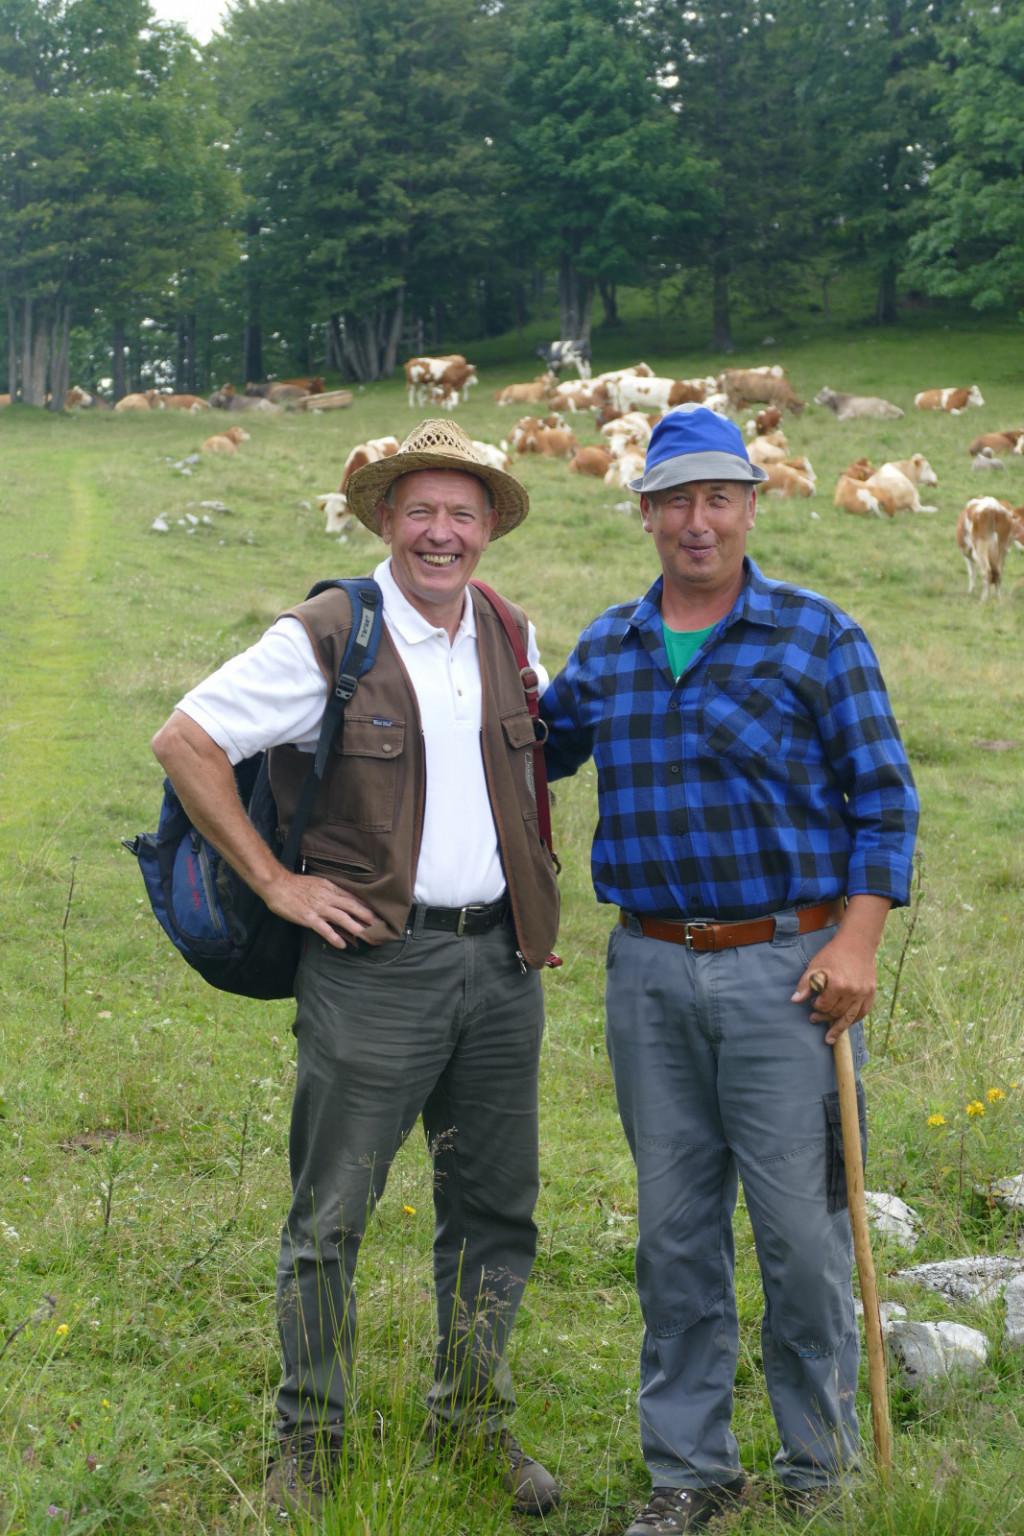 Dva pastirja skrbita za vse krave in konje na planini. Vsak dan jih pregledata in preverita njihovo zdravstveno stanje. Na levi lastnik konj Marko Ročnik, na desni pastir Jaka Poljanšek.